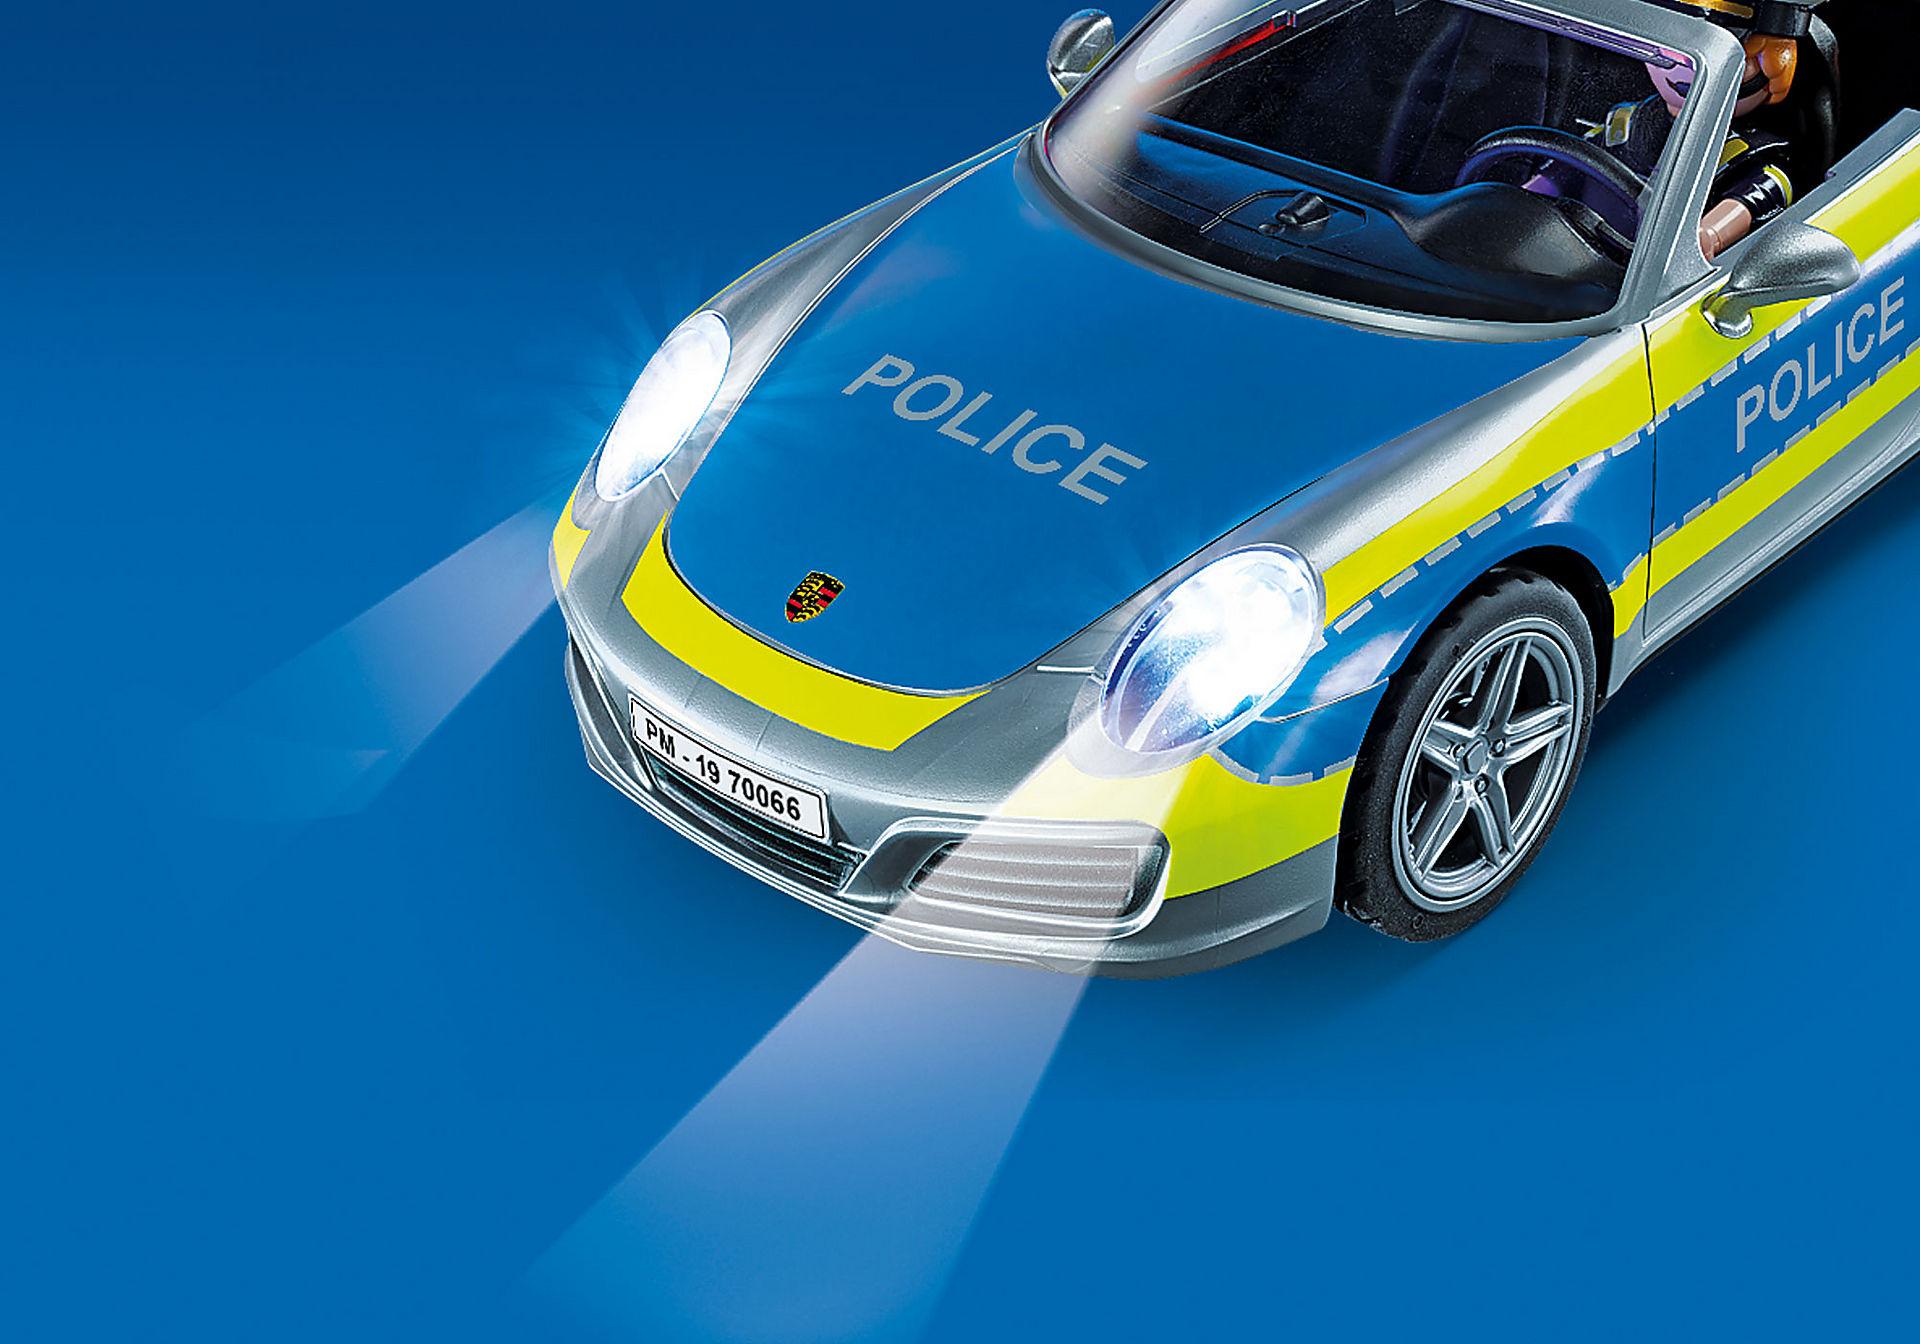 70066 Porsche 911 Carrera 4S Politie zoom image5